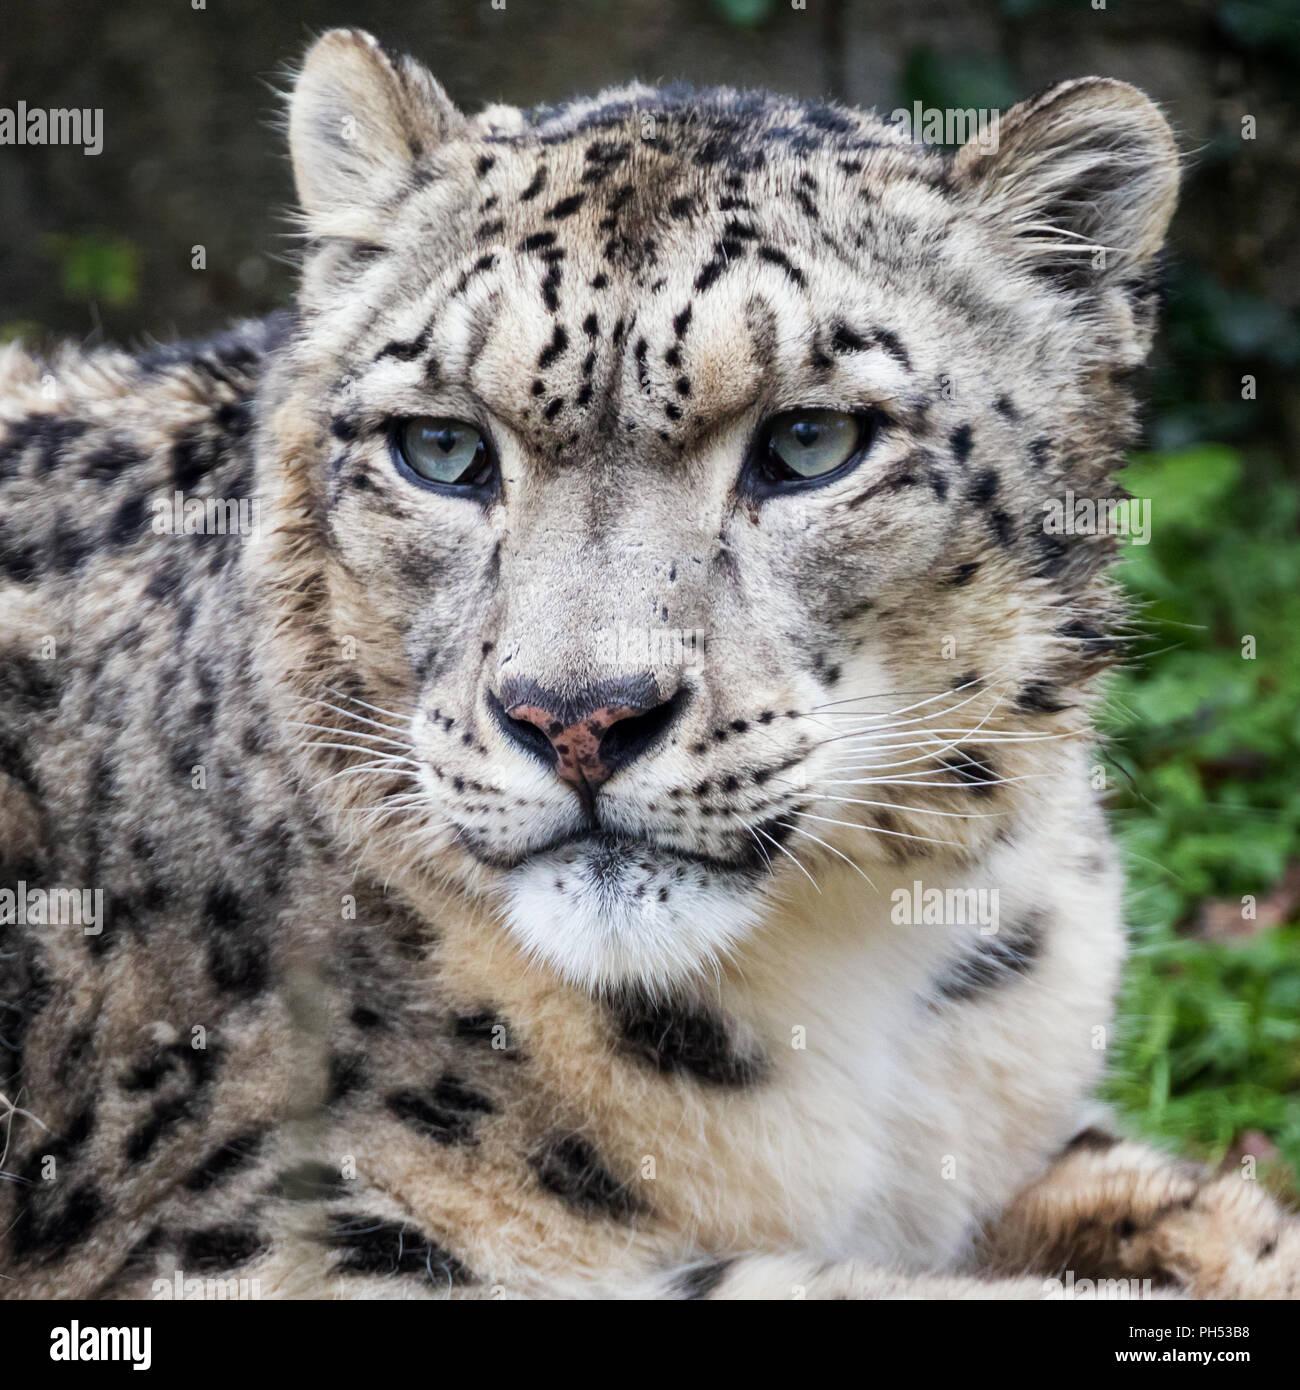 Adult snow leopard close up portrait. - Stock Image